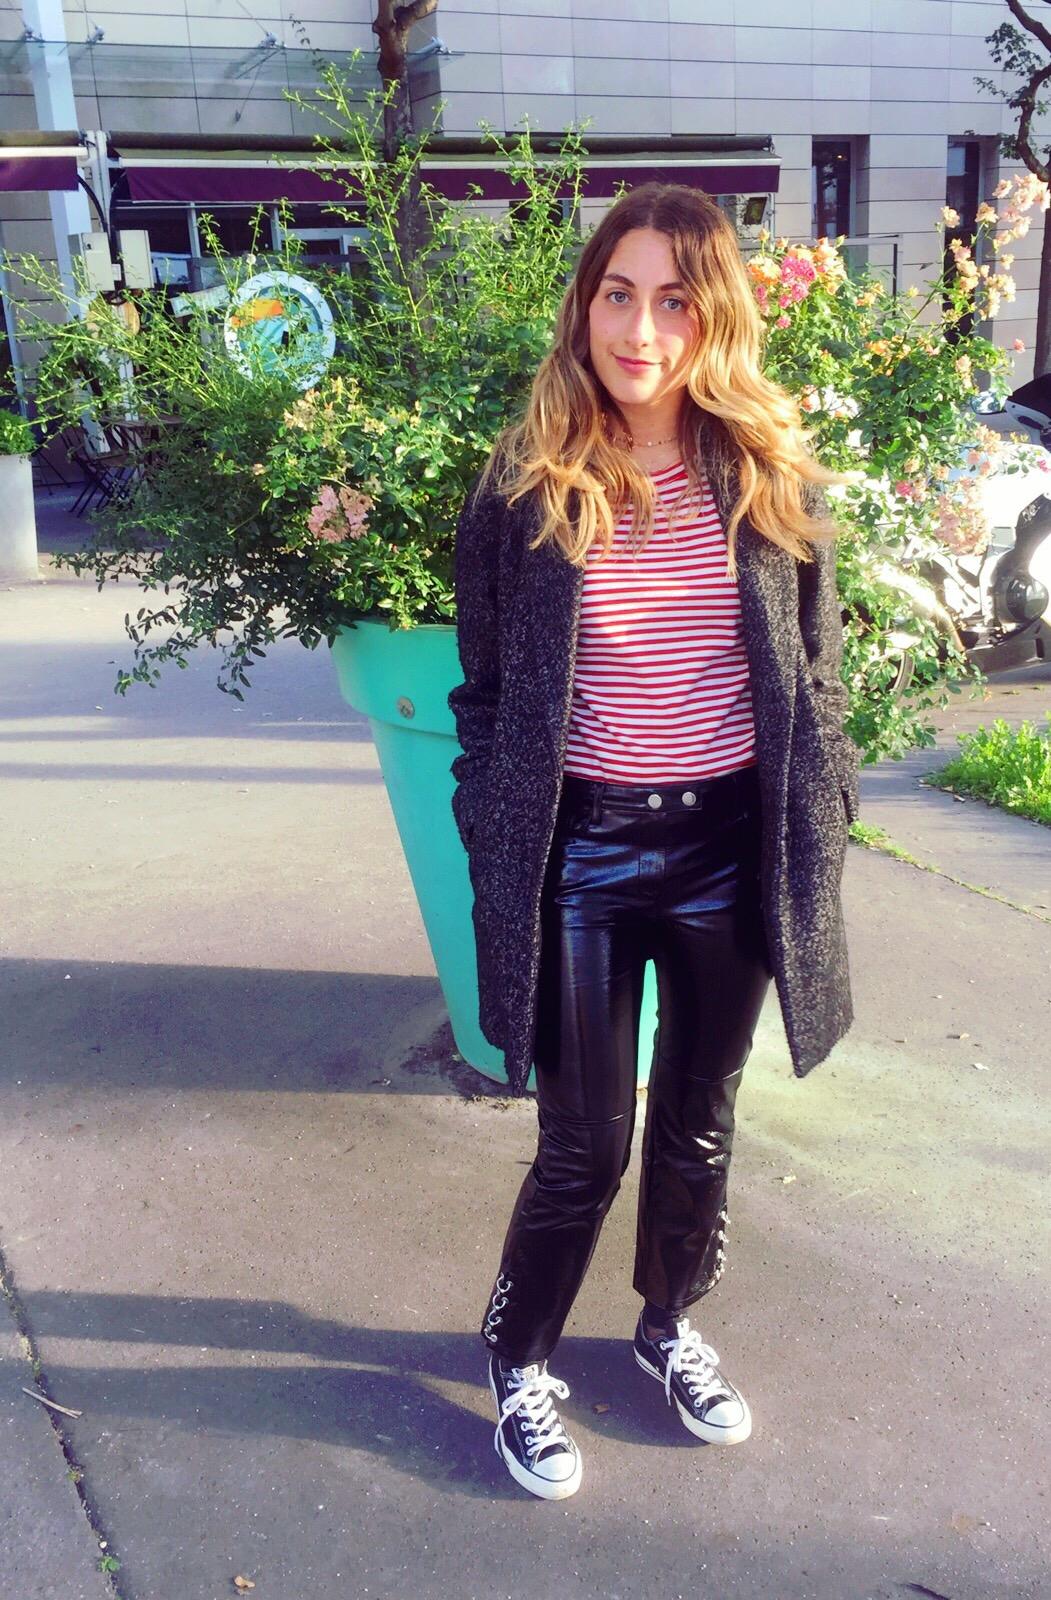 tendance-vinyle-outfit-streetstyle-paris